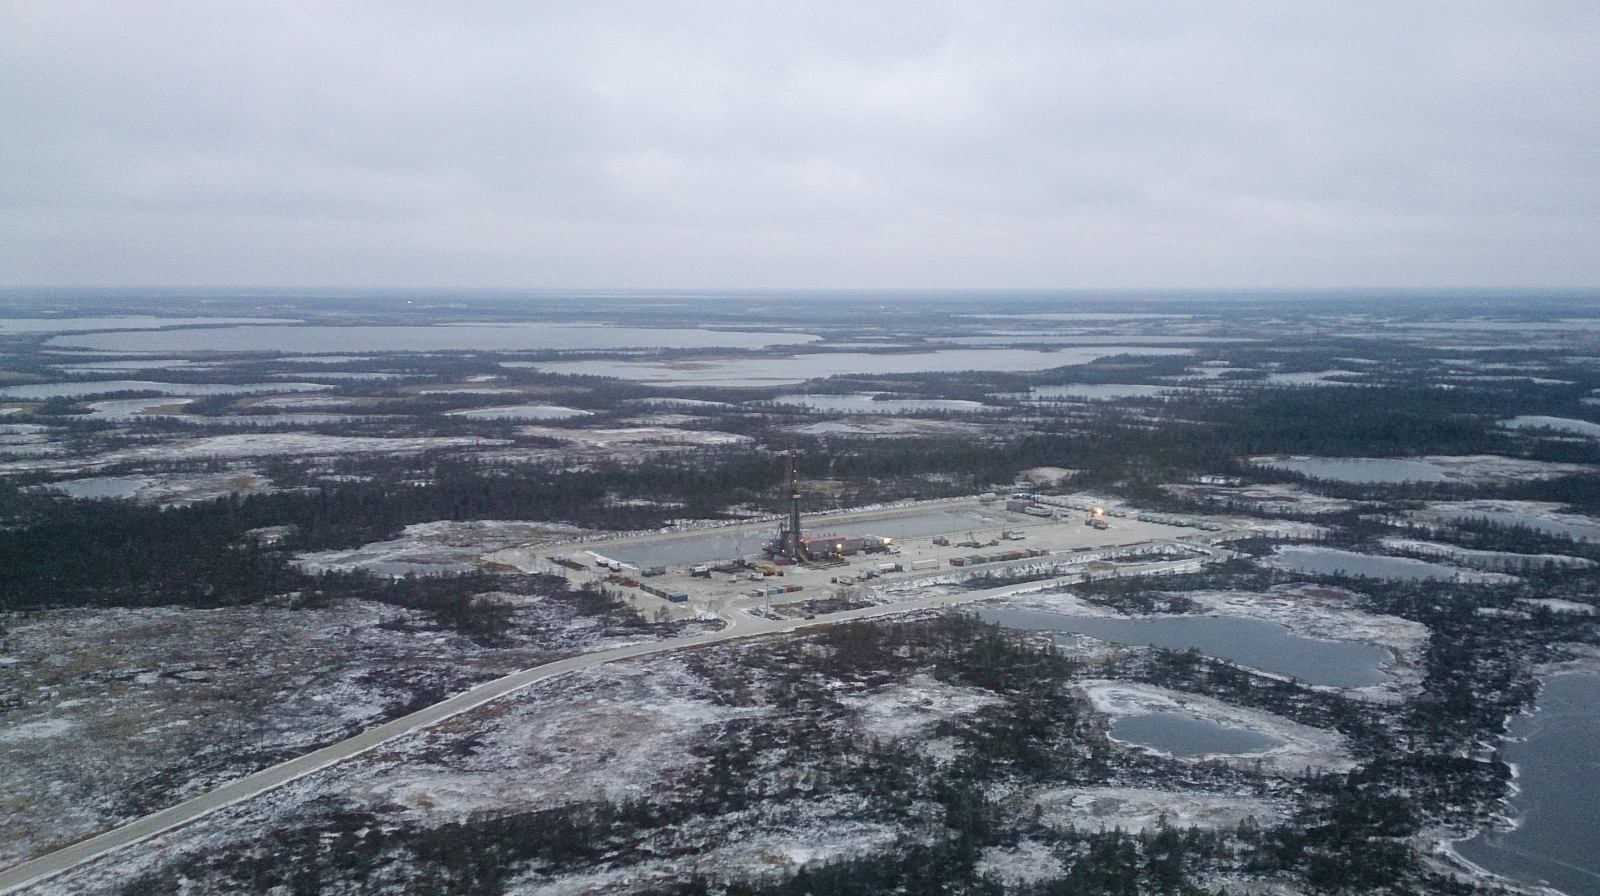 Siberia, Russia, oilfield